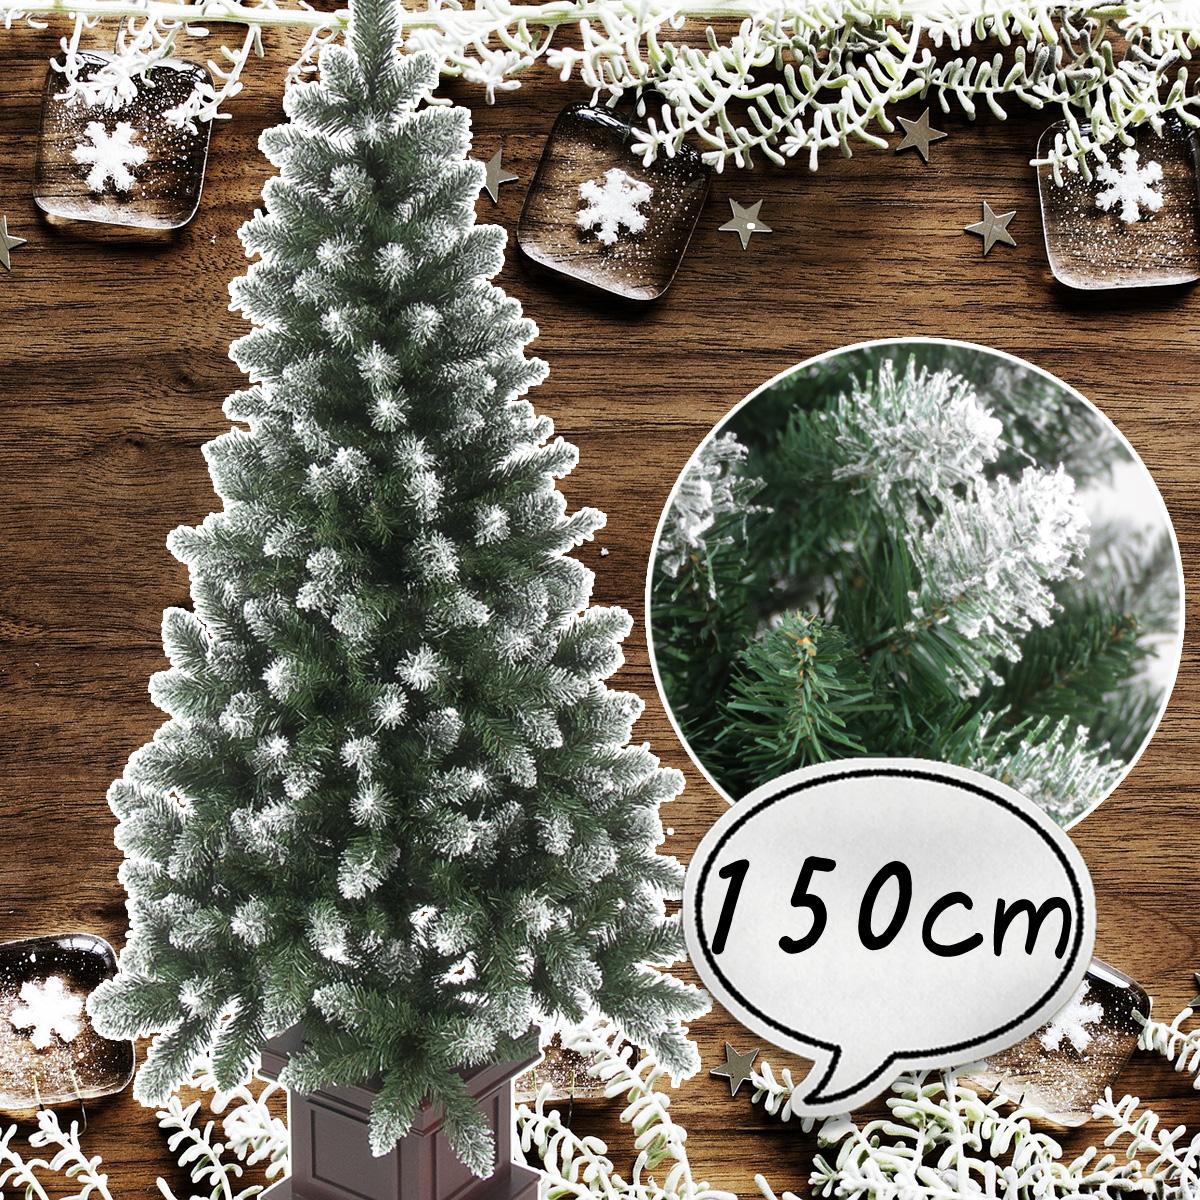 クリスマスツリー 150cm ポイントスノーツリー 先雪 木製ポット グリーン ツリーの木 ポットツリー 北欧 おしゃれ ウッドベース